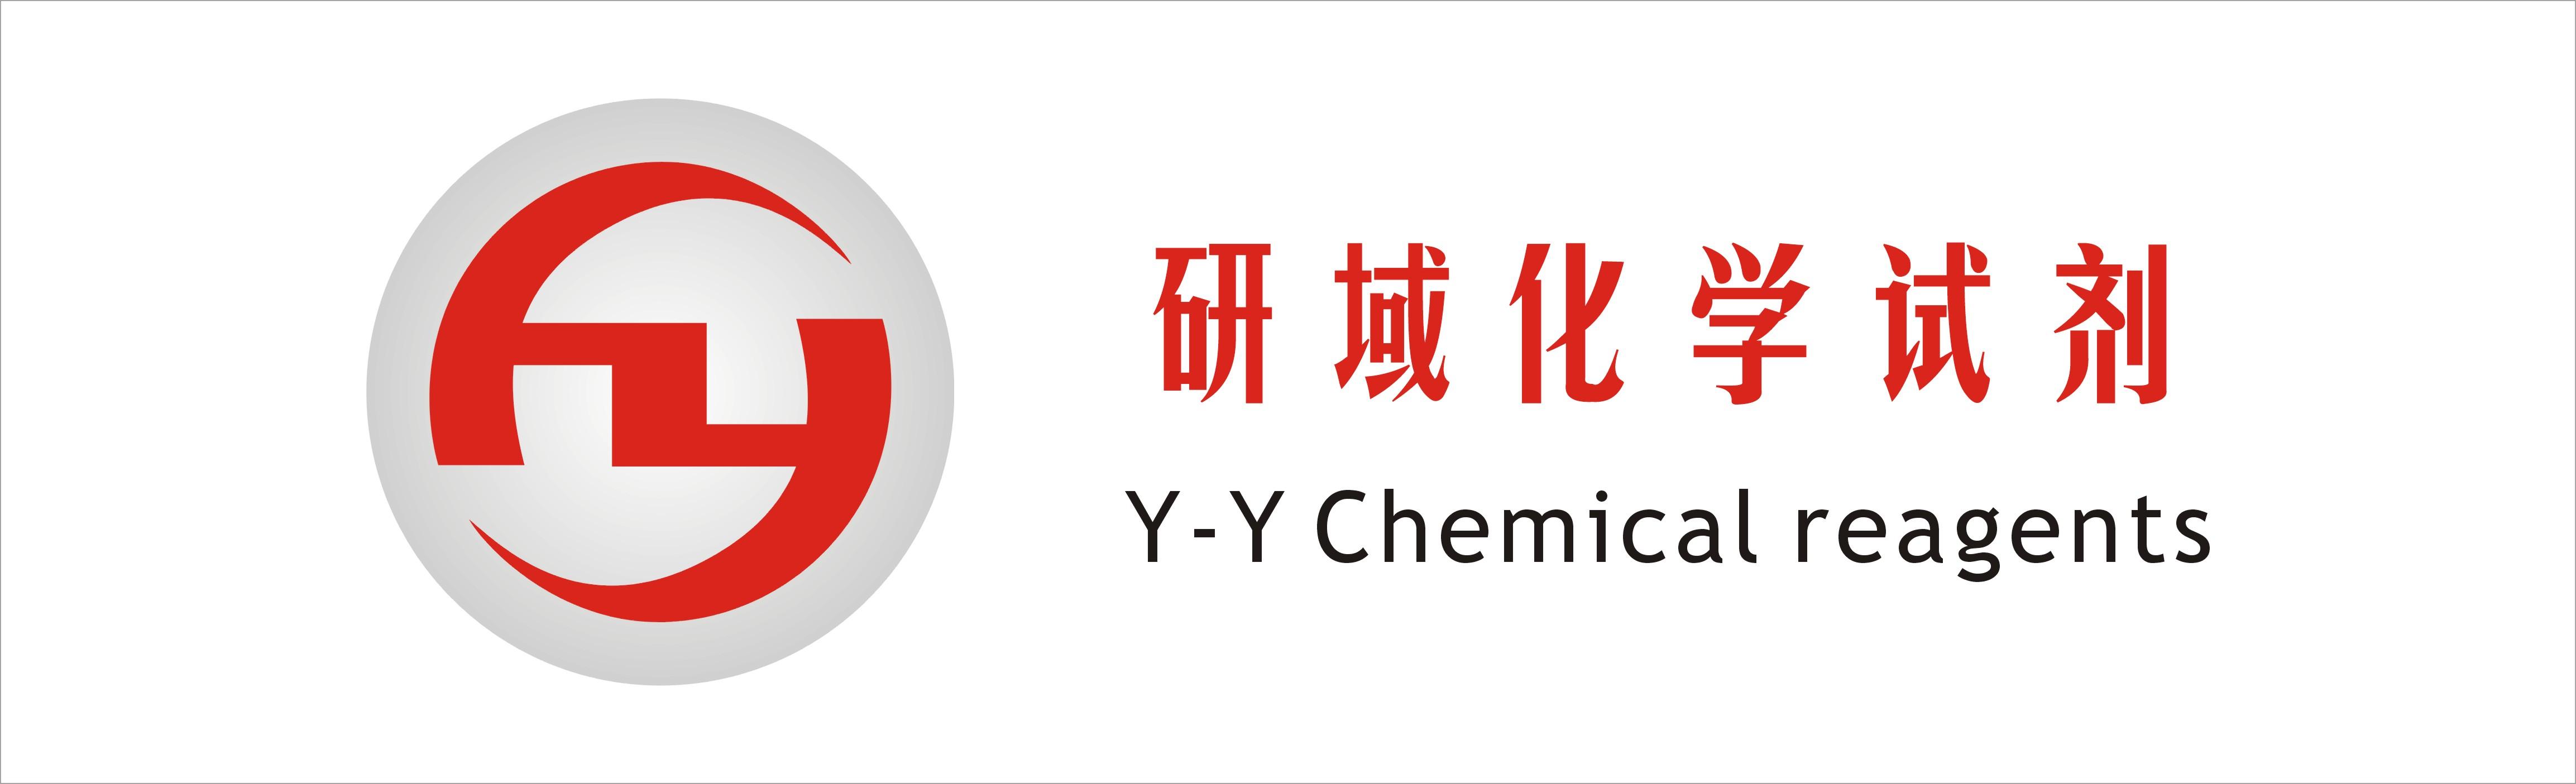 研域(上海)化学试剂有限公司